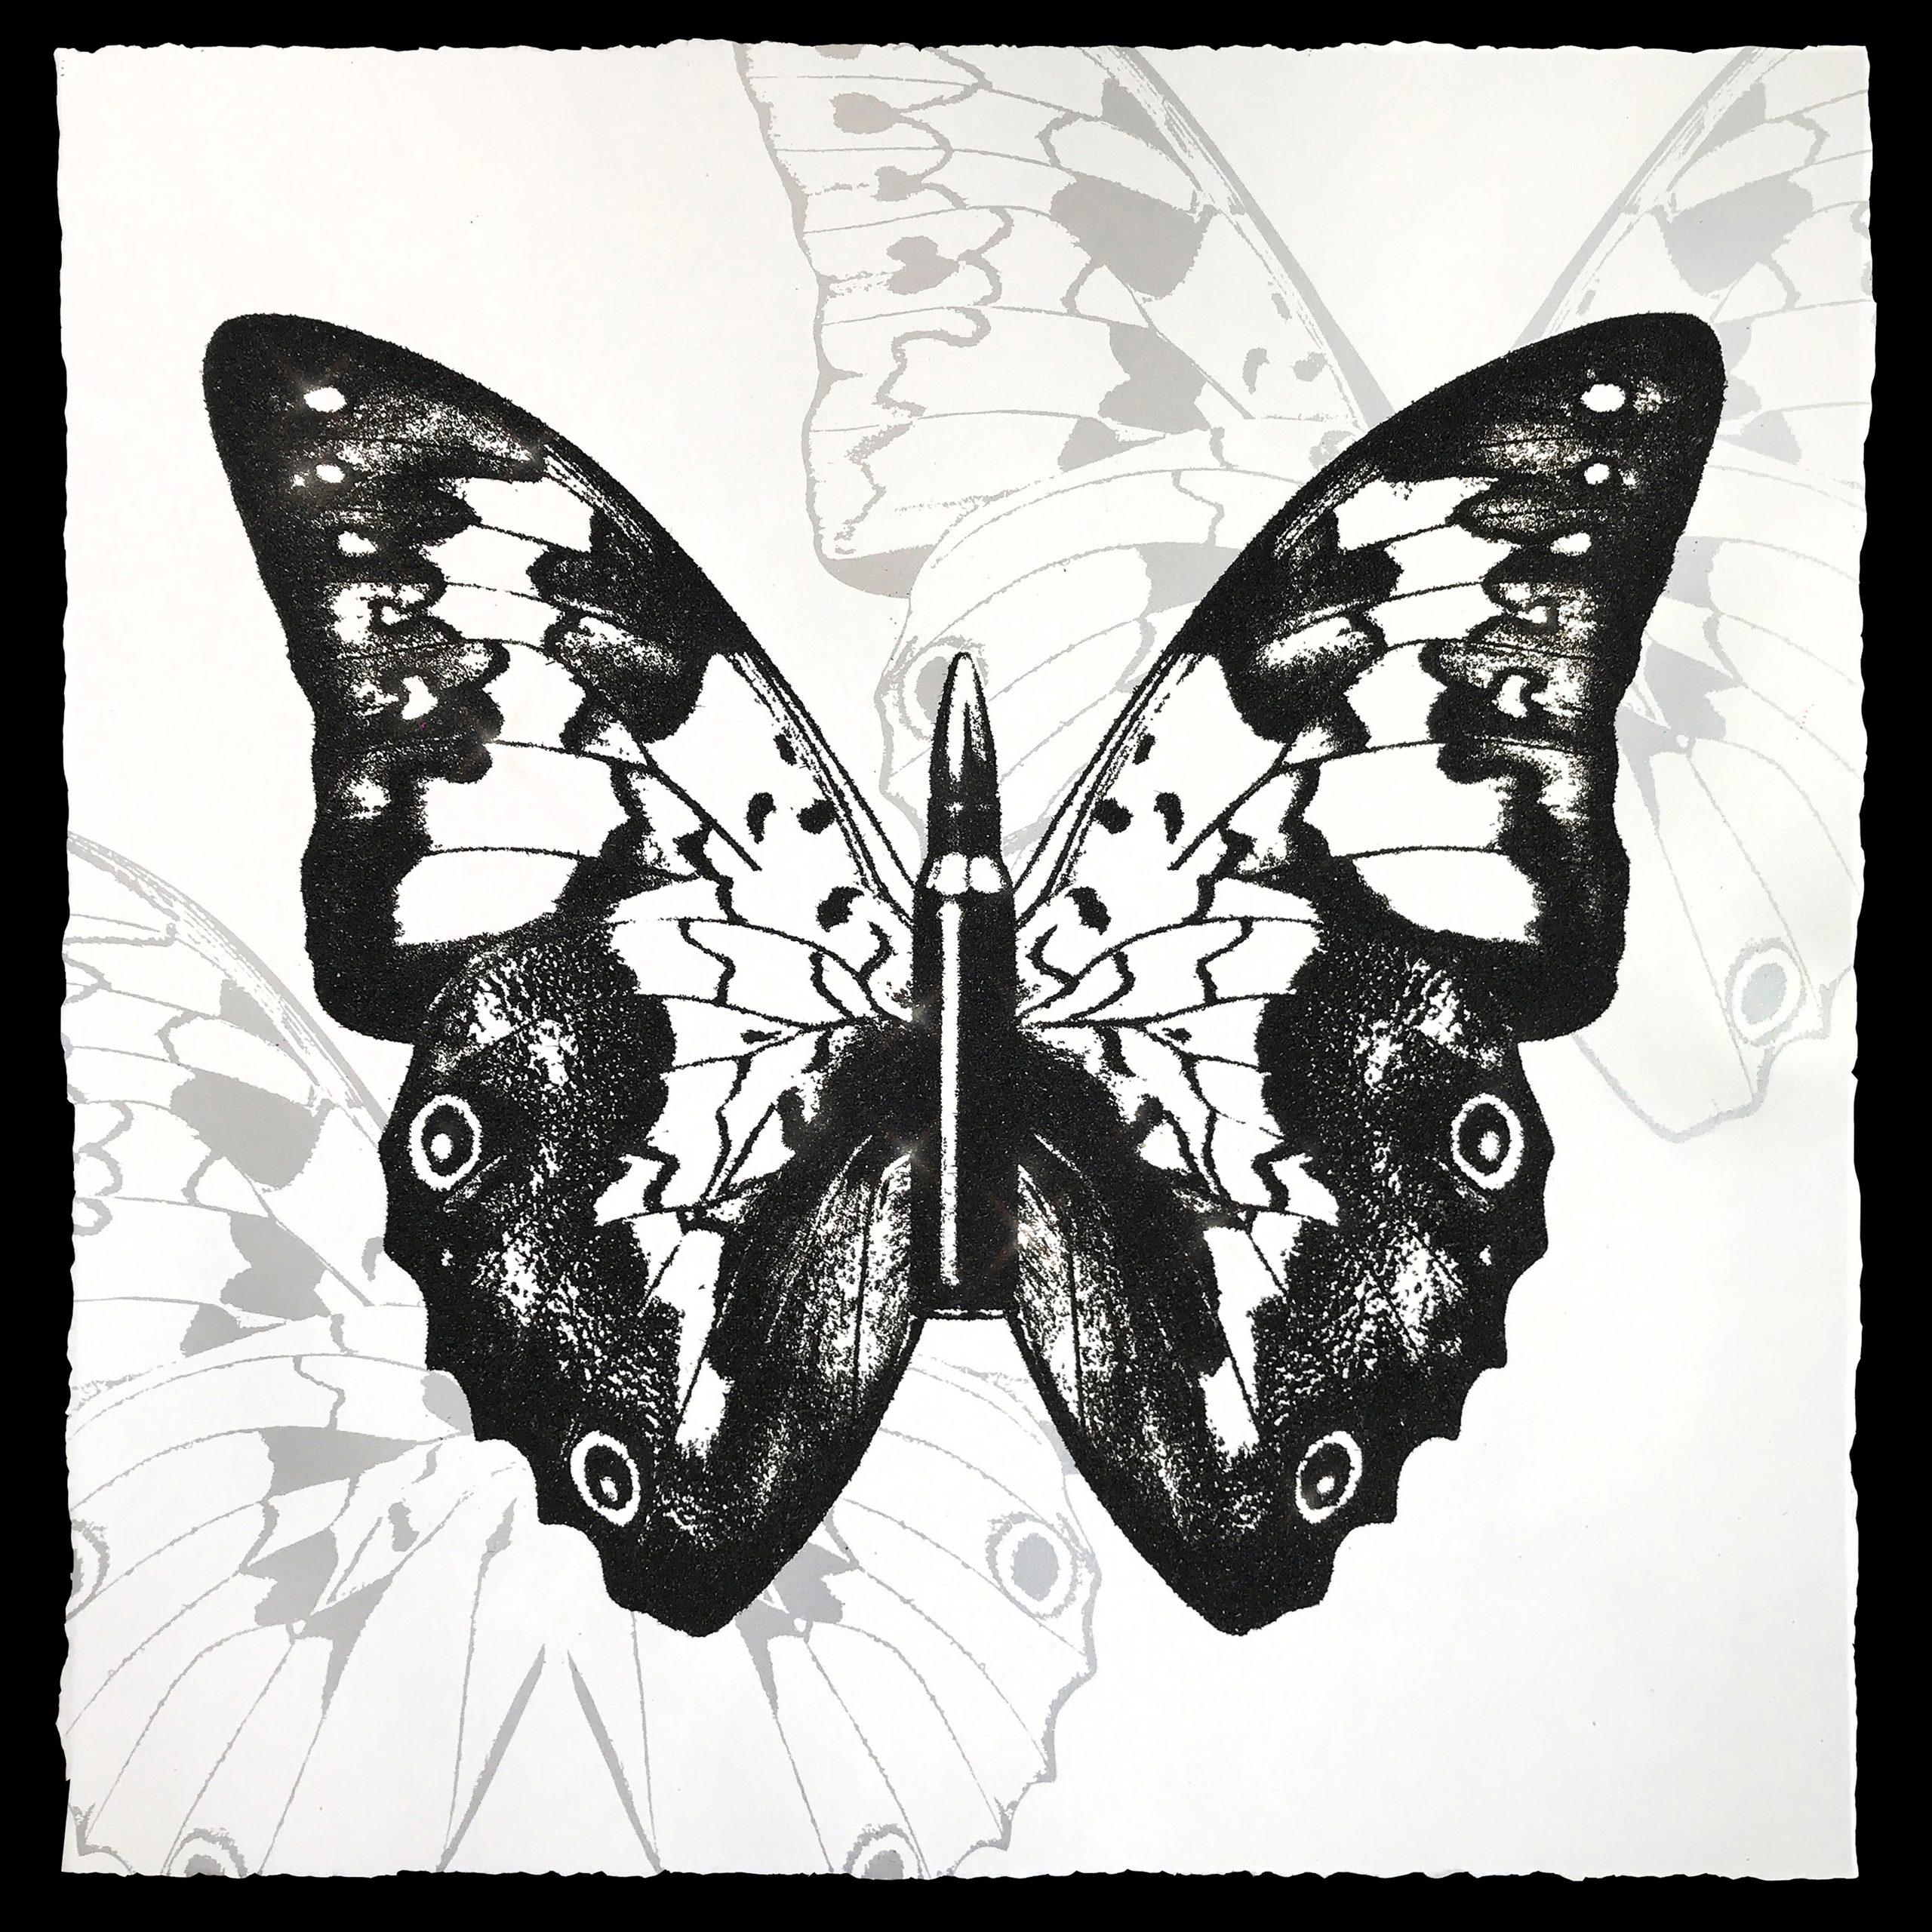 Metamorphosis – Black On White by Rubem Robierb